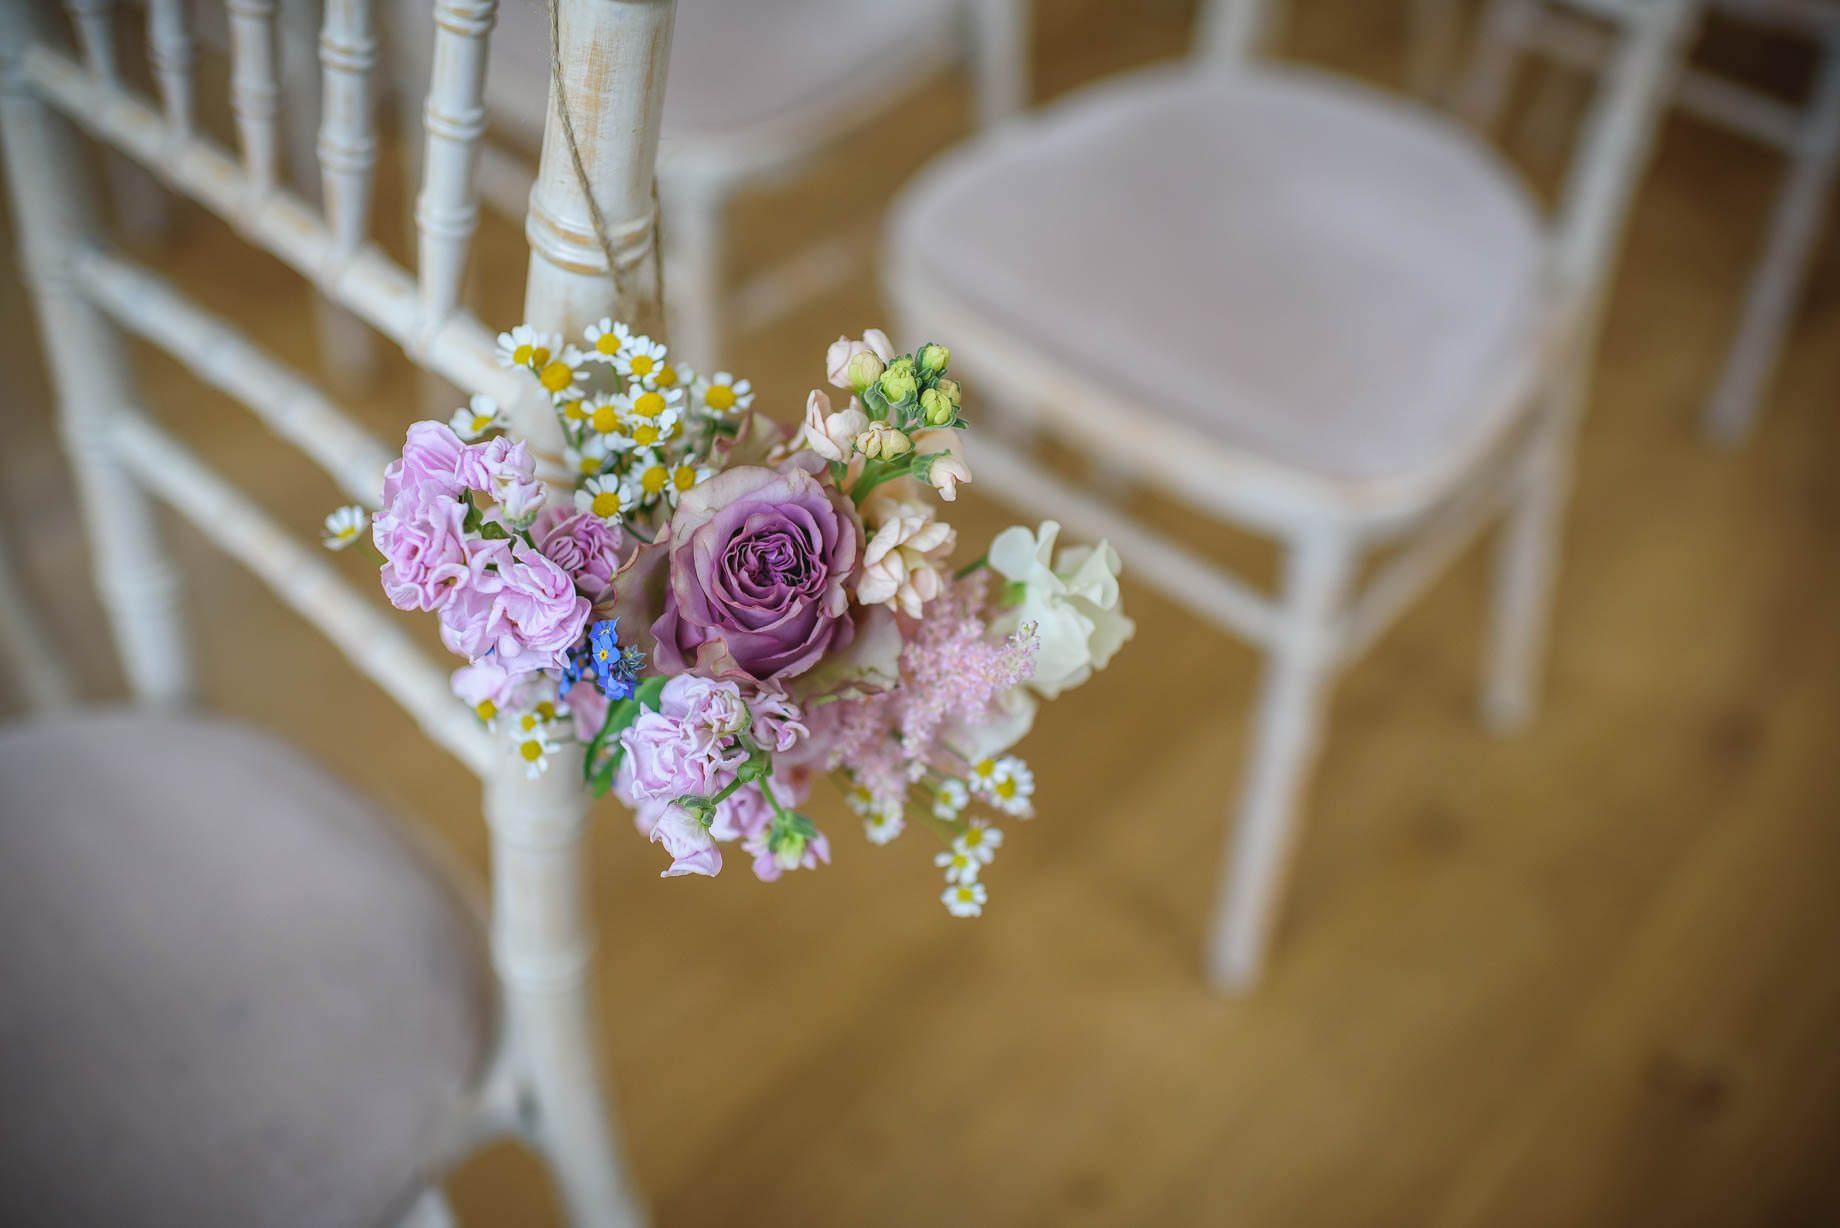 Millbridge Court Wedding Photography - Lisa and Daniel (4 of 173)